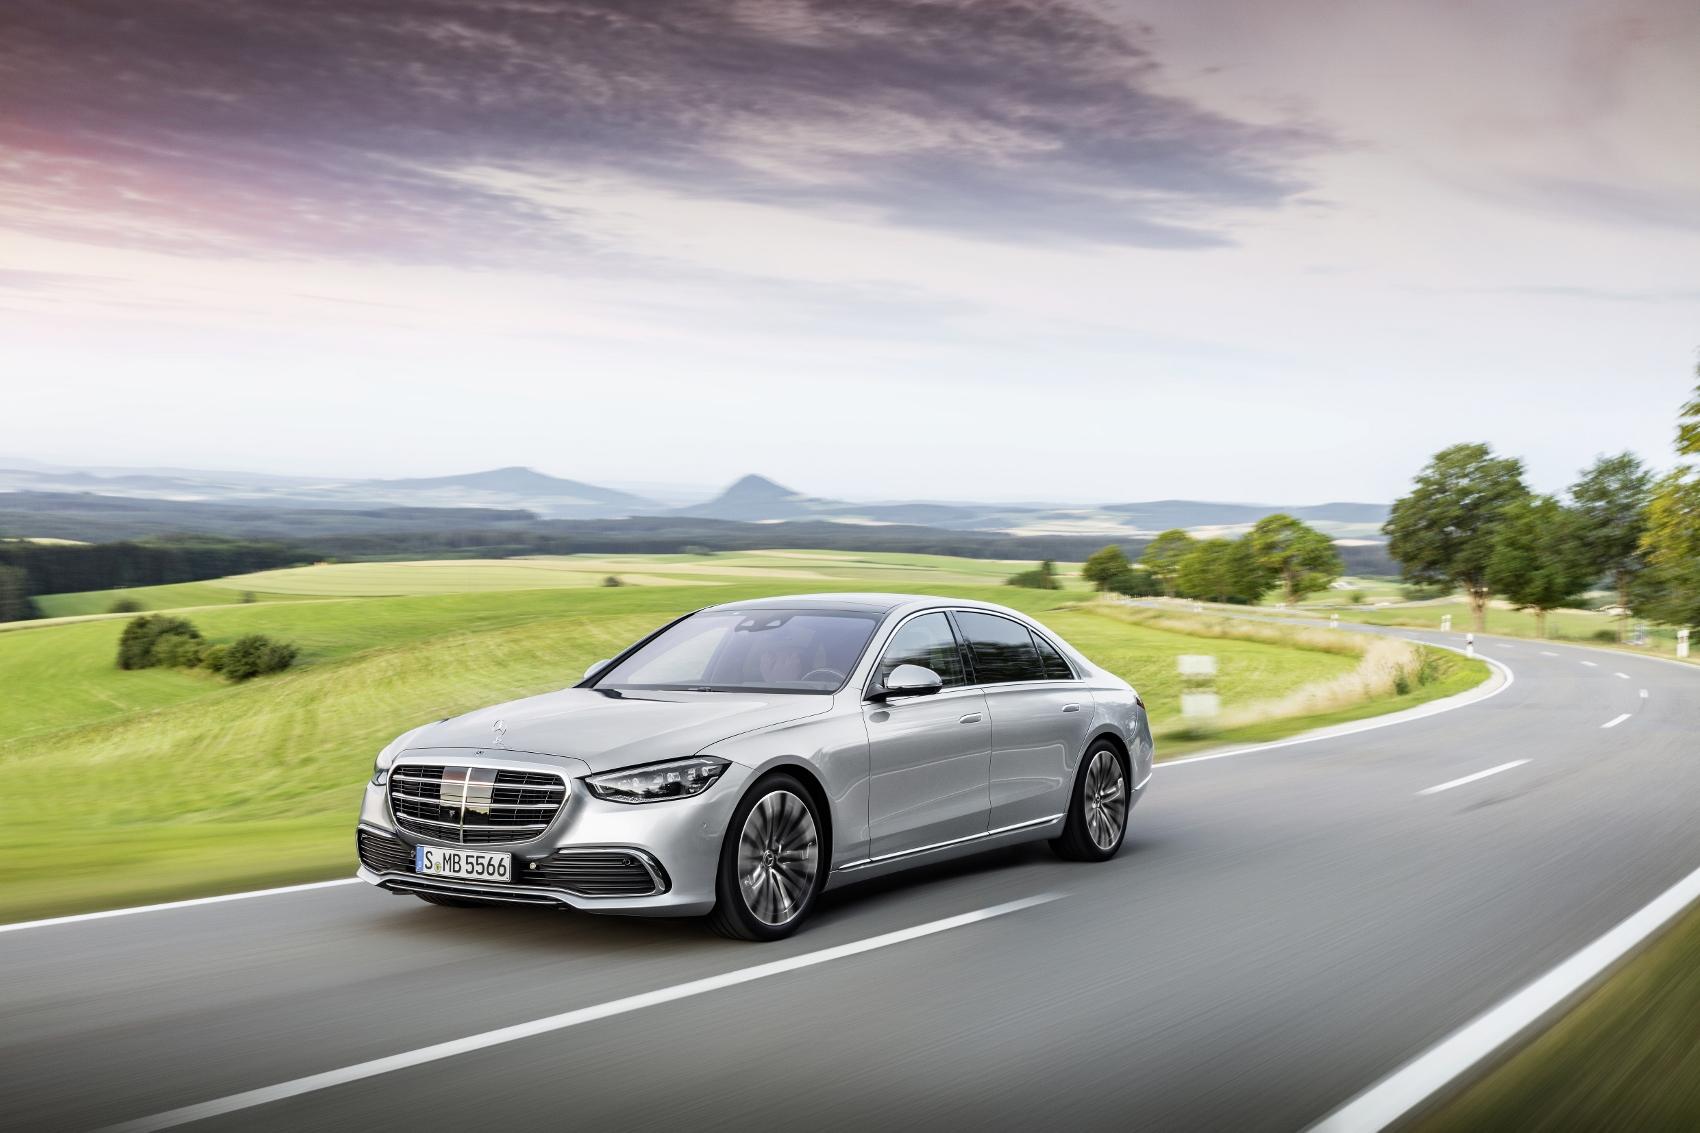 Nový Mercedes S je najpokročilejším Mercedesom v histórii sOGT2Z3Dp2 20c0358017-1700x1133